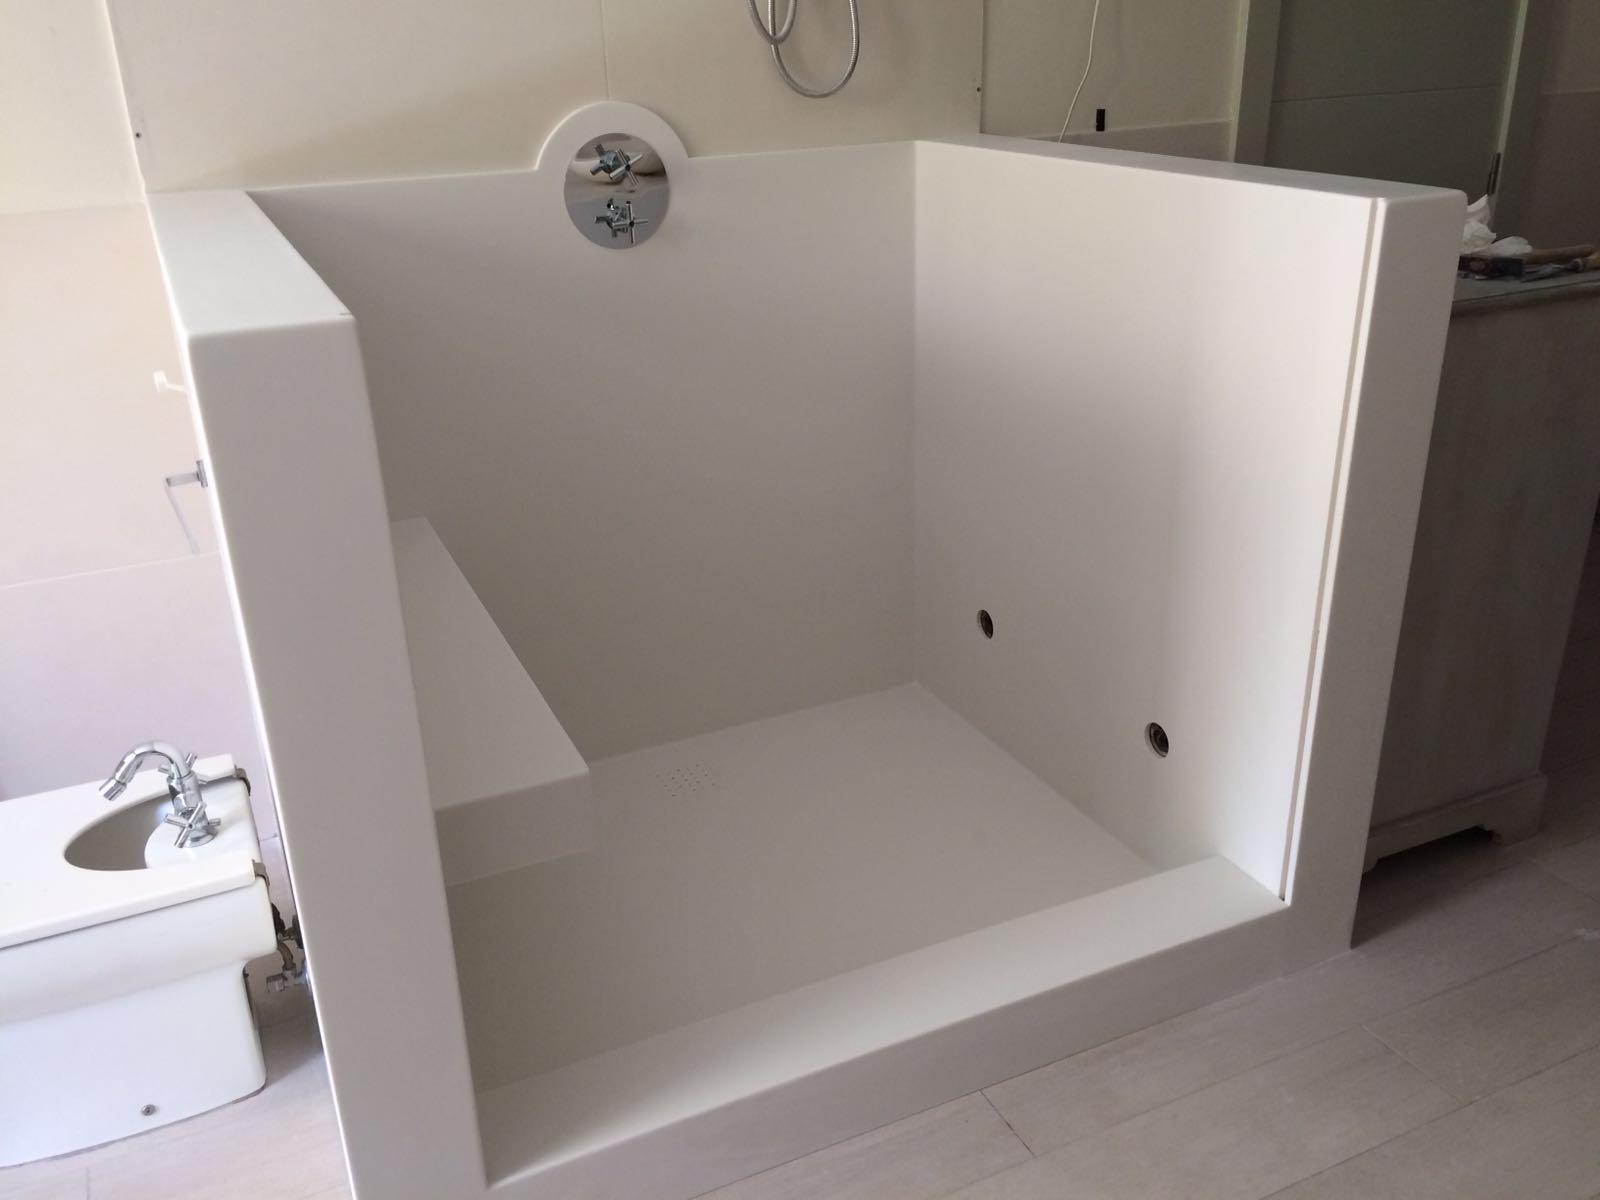 Carissa muebles a medida en madrid ba os cocinas - Plato ducha corian ...